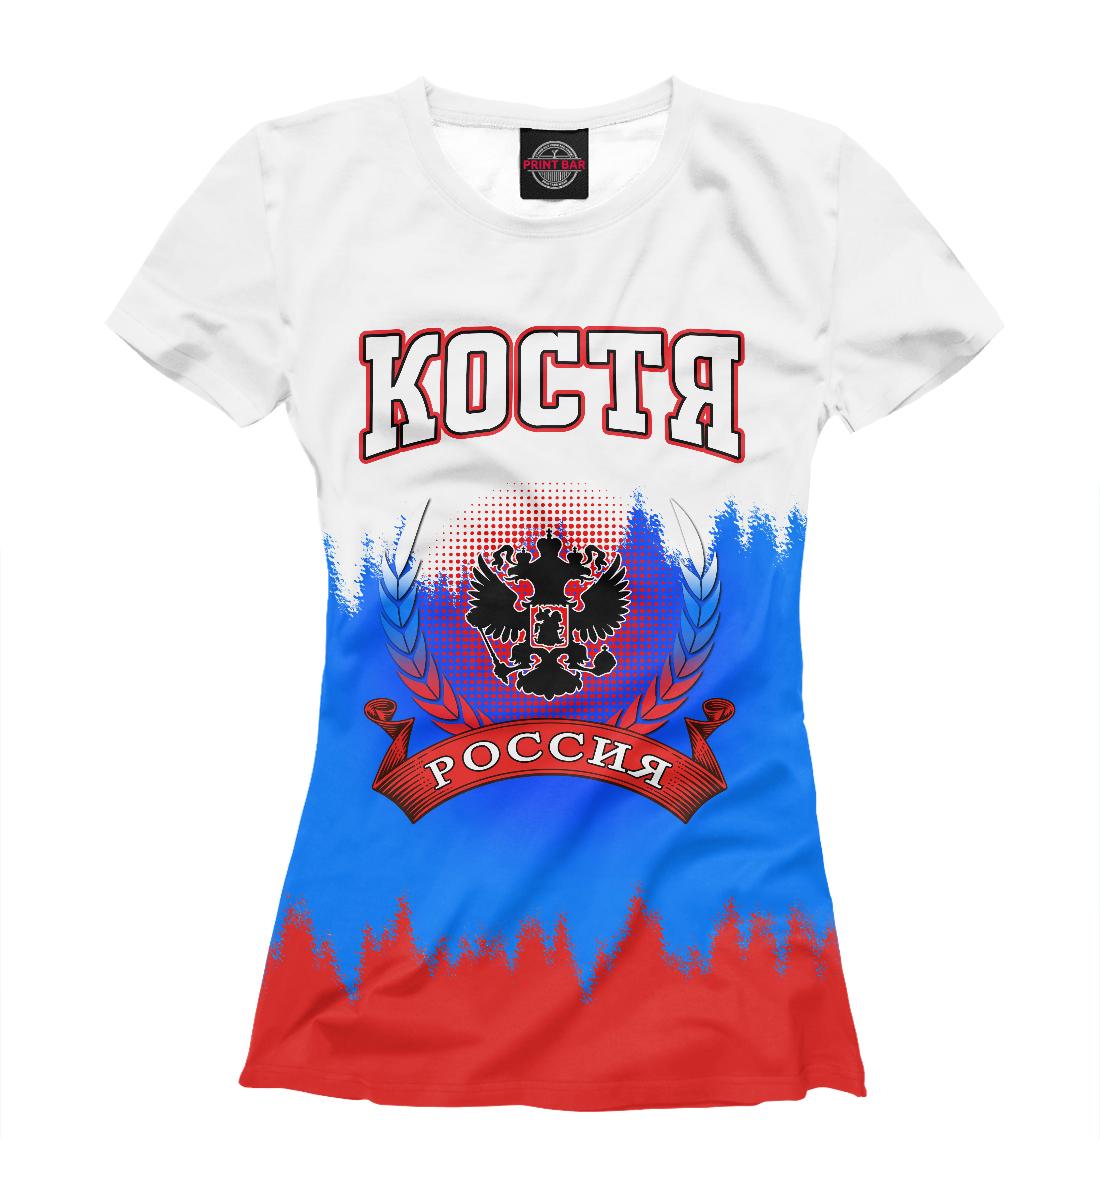 Купить Костя, Printbar, Футболки, KST-856418-fut-1